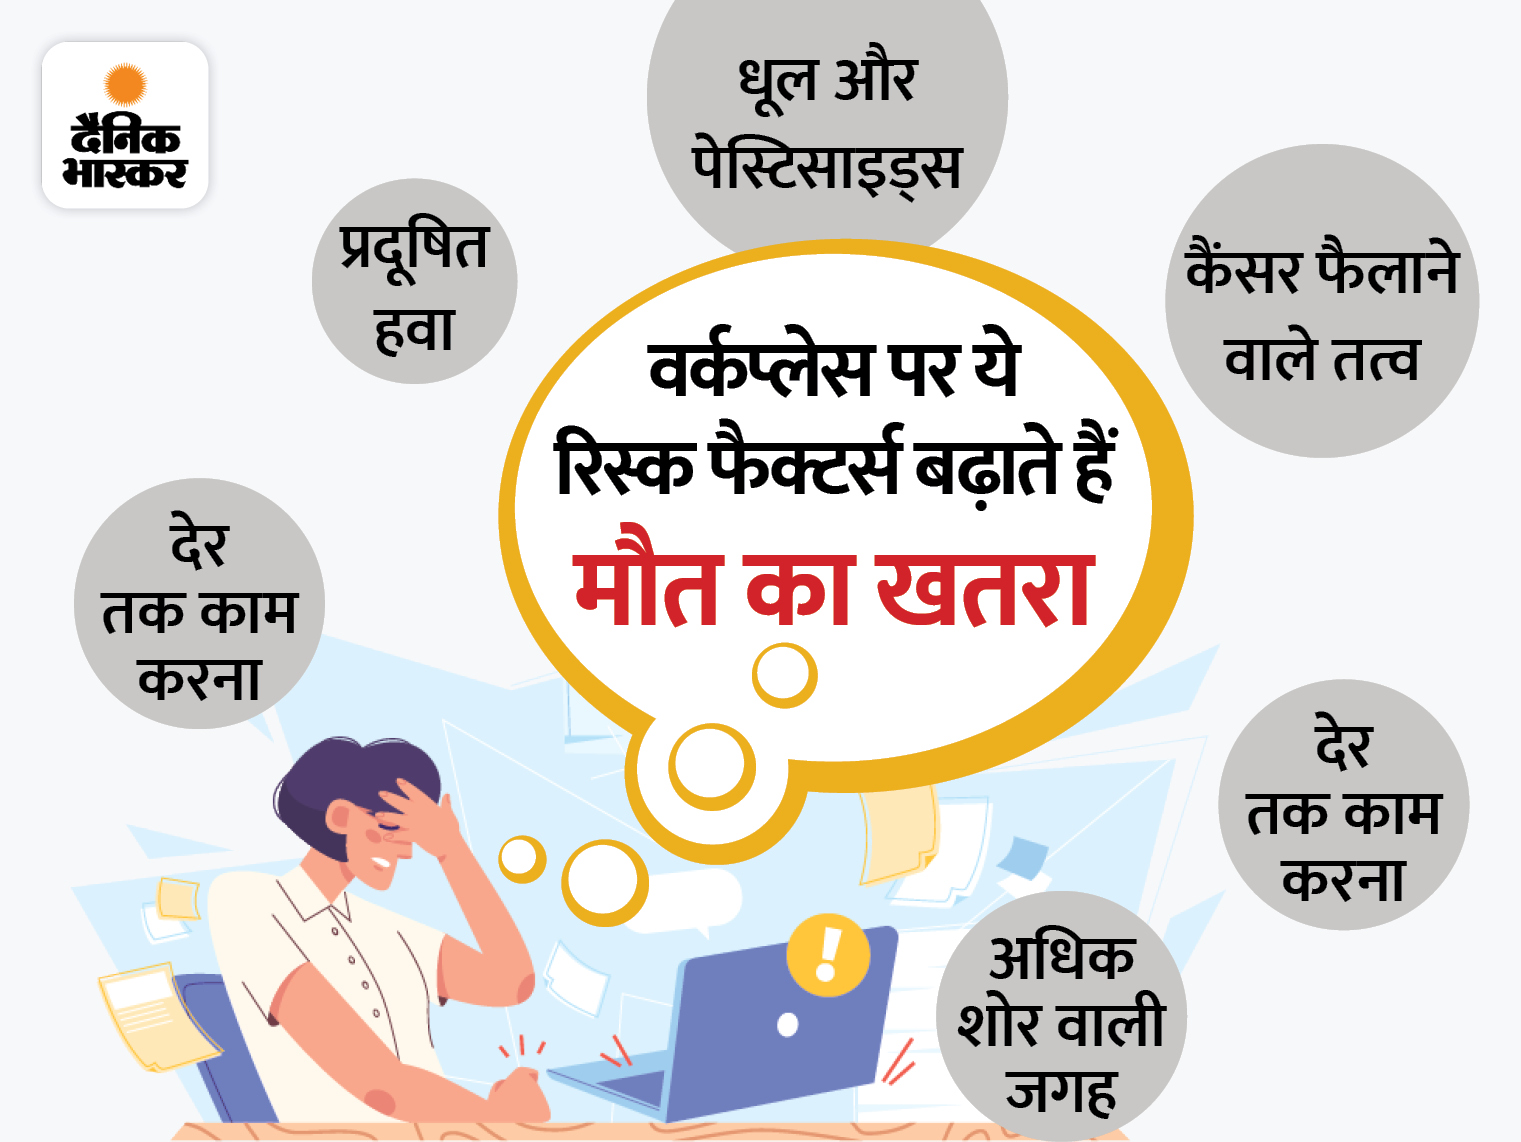 देर तक नौकरी करने की मजबूरी और वर्कप्लेस पर एयर पॉल्यूशन व शोर के कारण 20 लाख लोगों ने दम तोड़ा|लाइफ & साइंस,Happy Life - Dainik Bhaskar